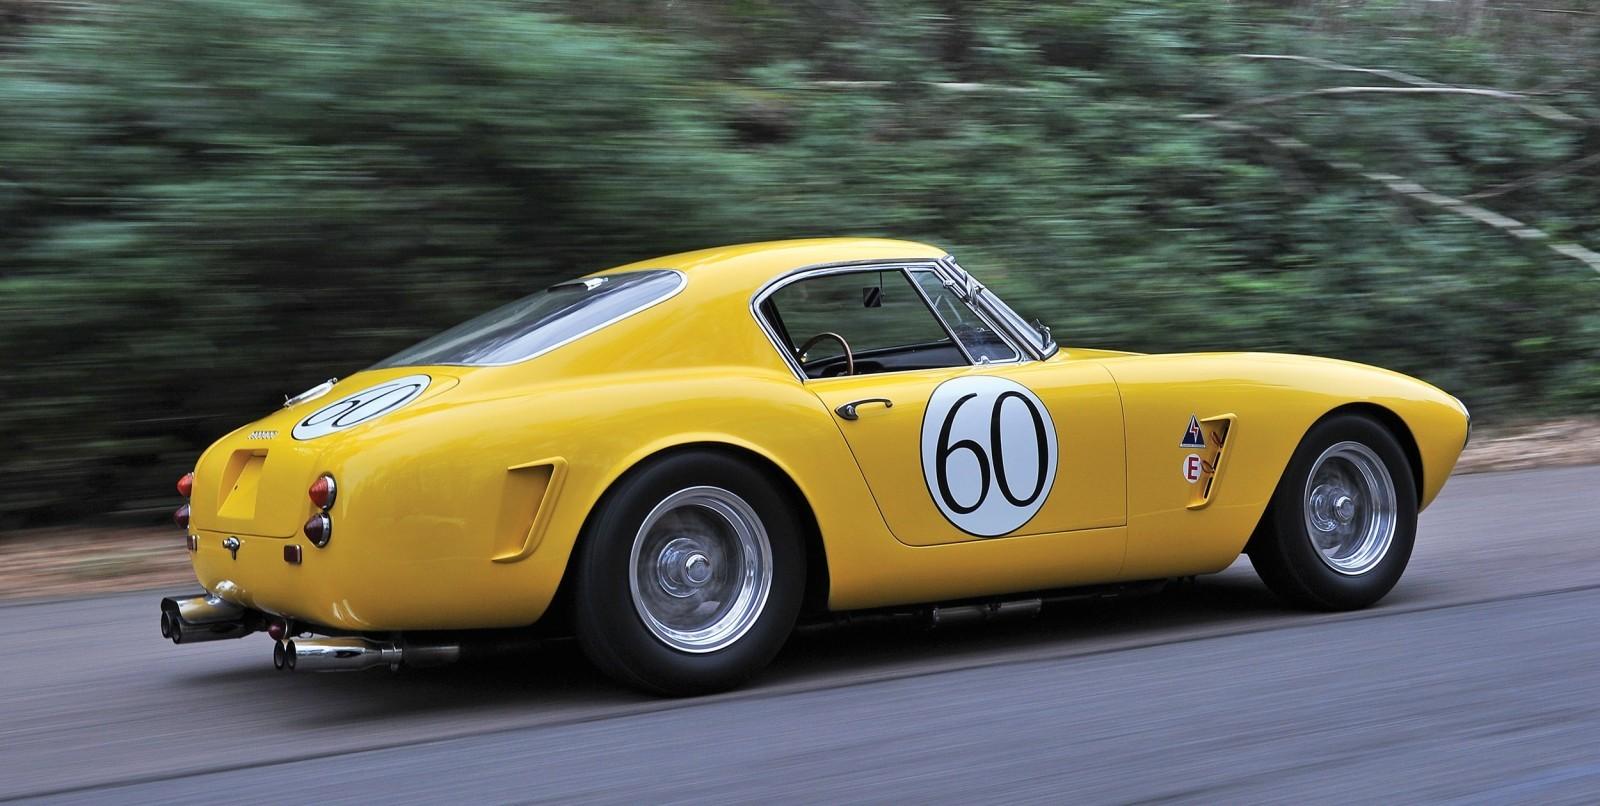 RM Villa Erba 2015 - 1960 Ferrari 250GT Berlinetta Competizione SWB Alloy by Scaglietti 22